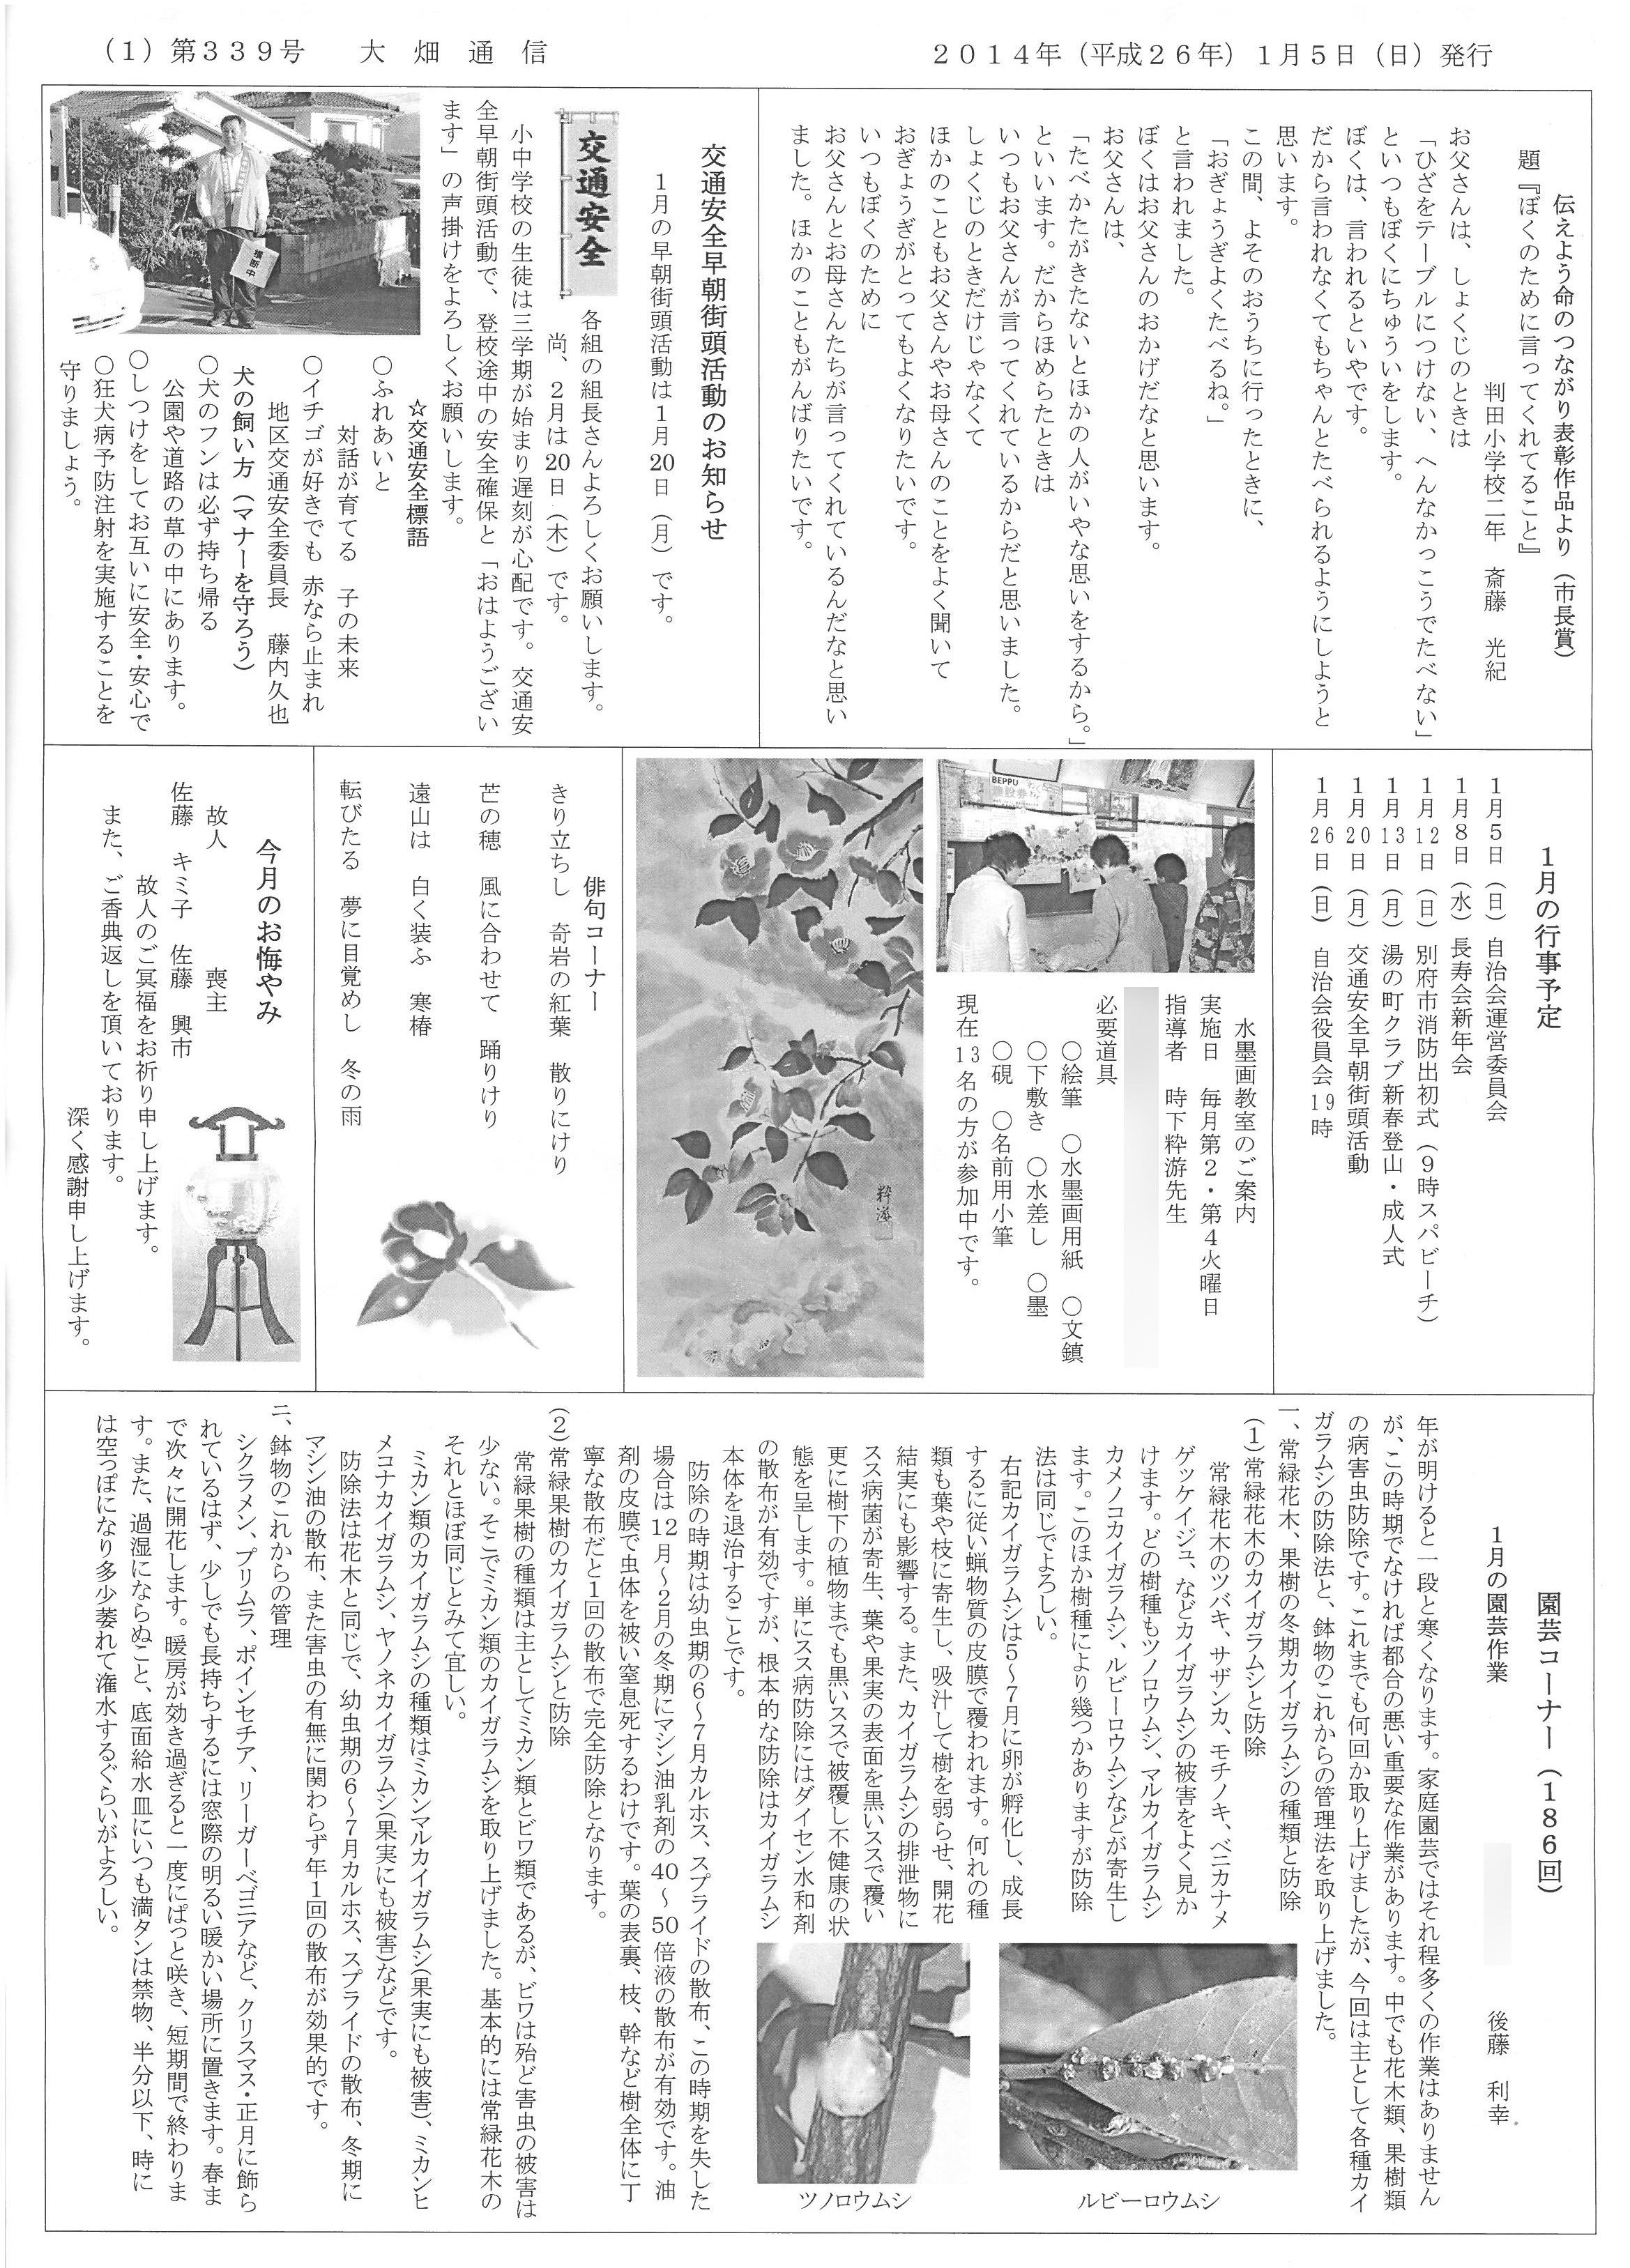 obatake201401_02